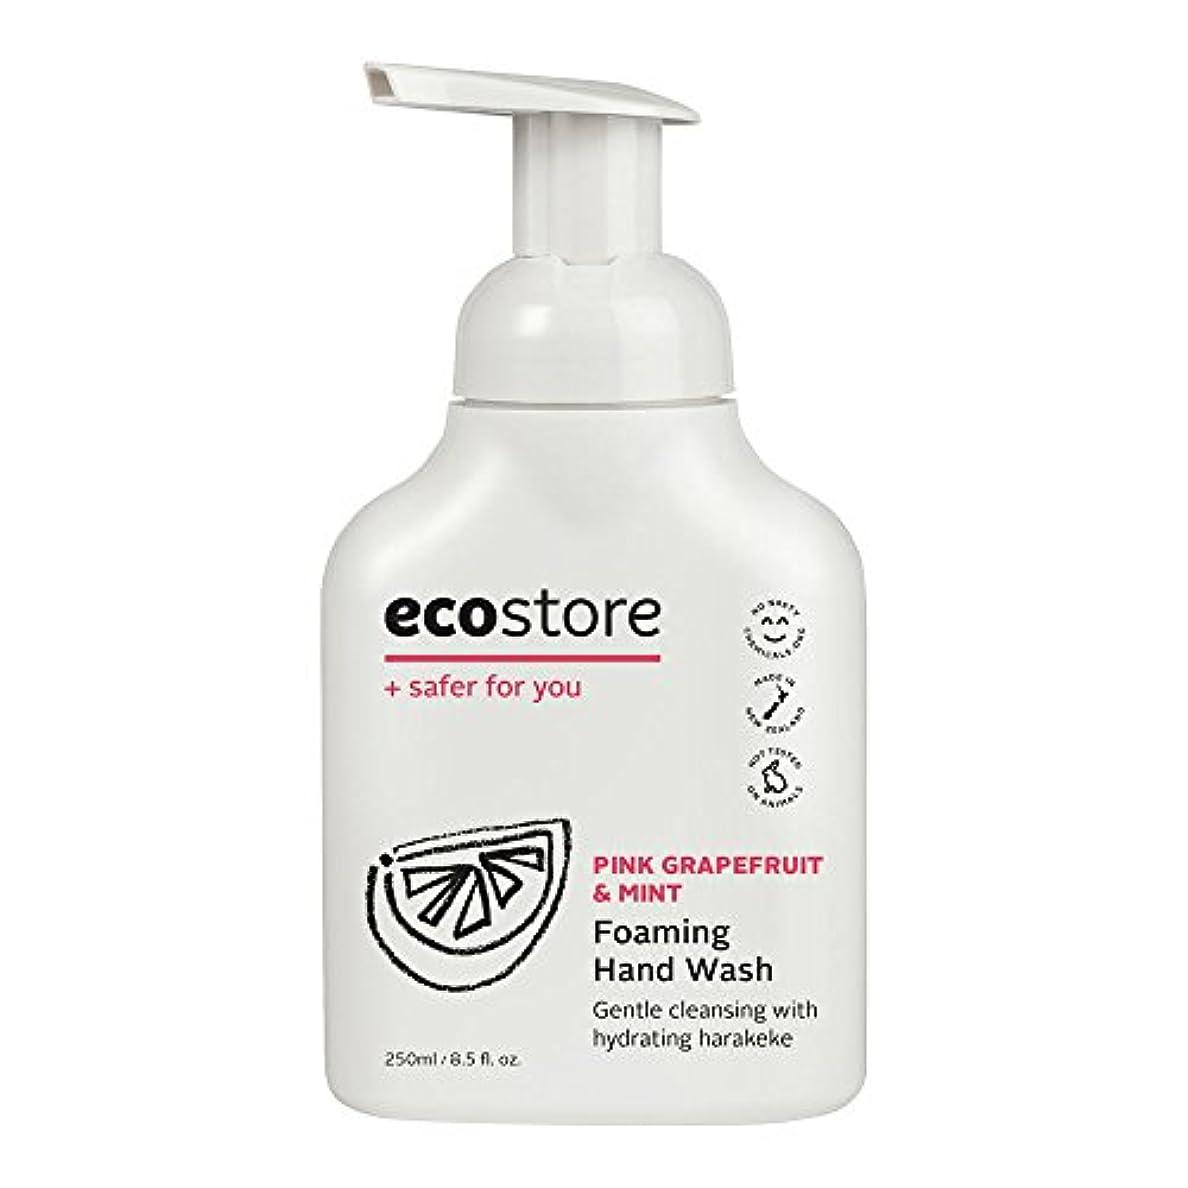 ecostore(エコストア) ハンドウォッシュ 【ピンクグレープフルーツ&ミント】 250mL 泡タイプ